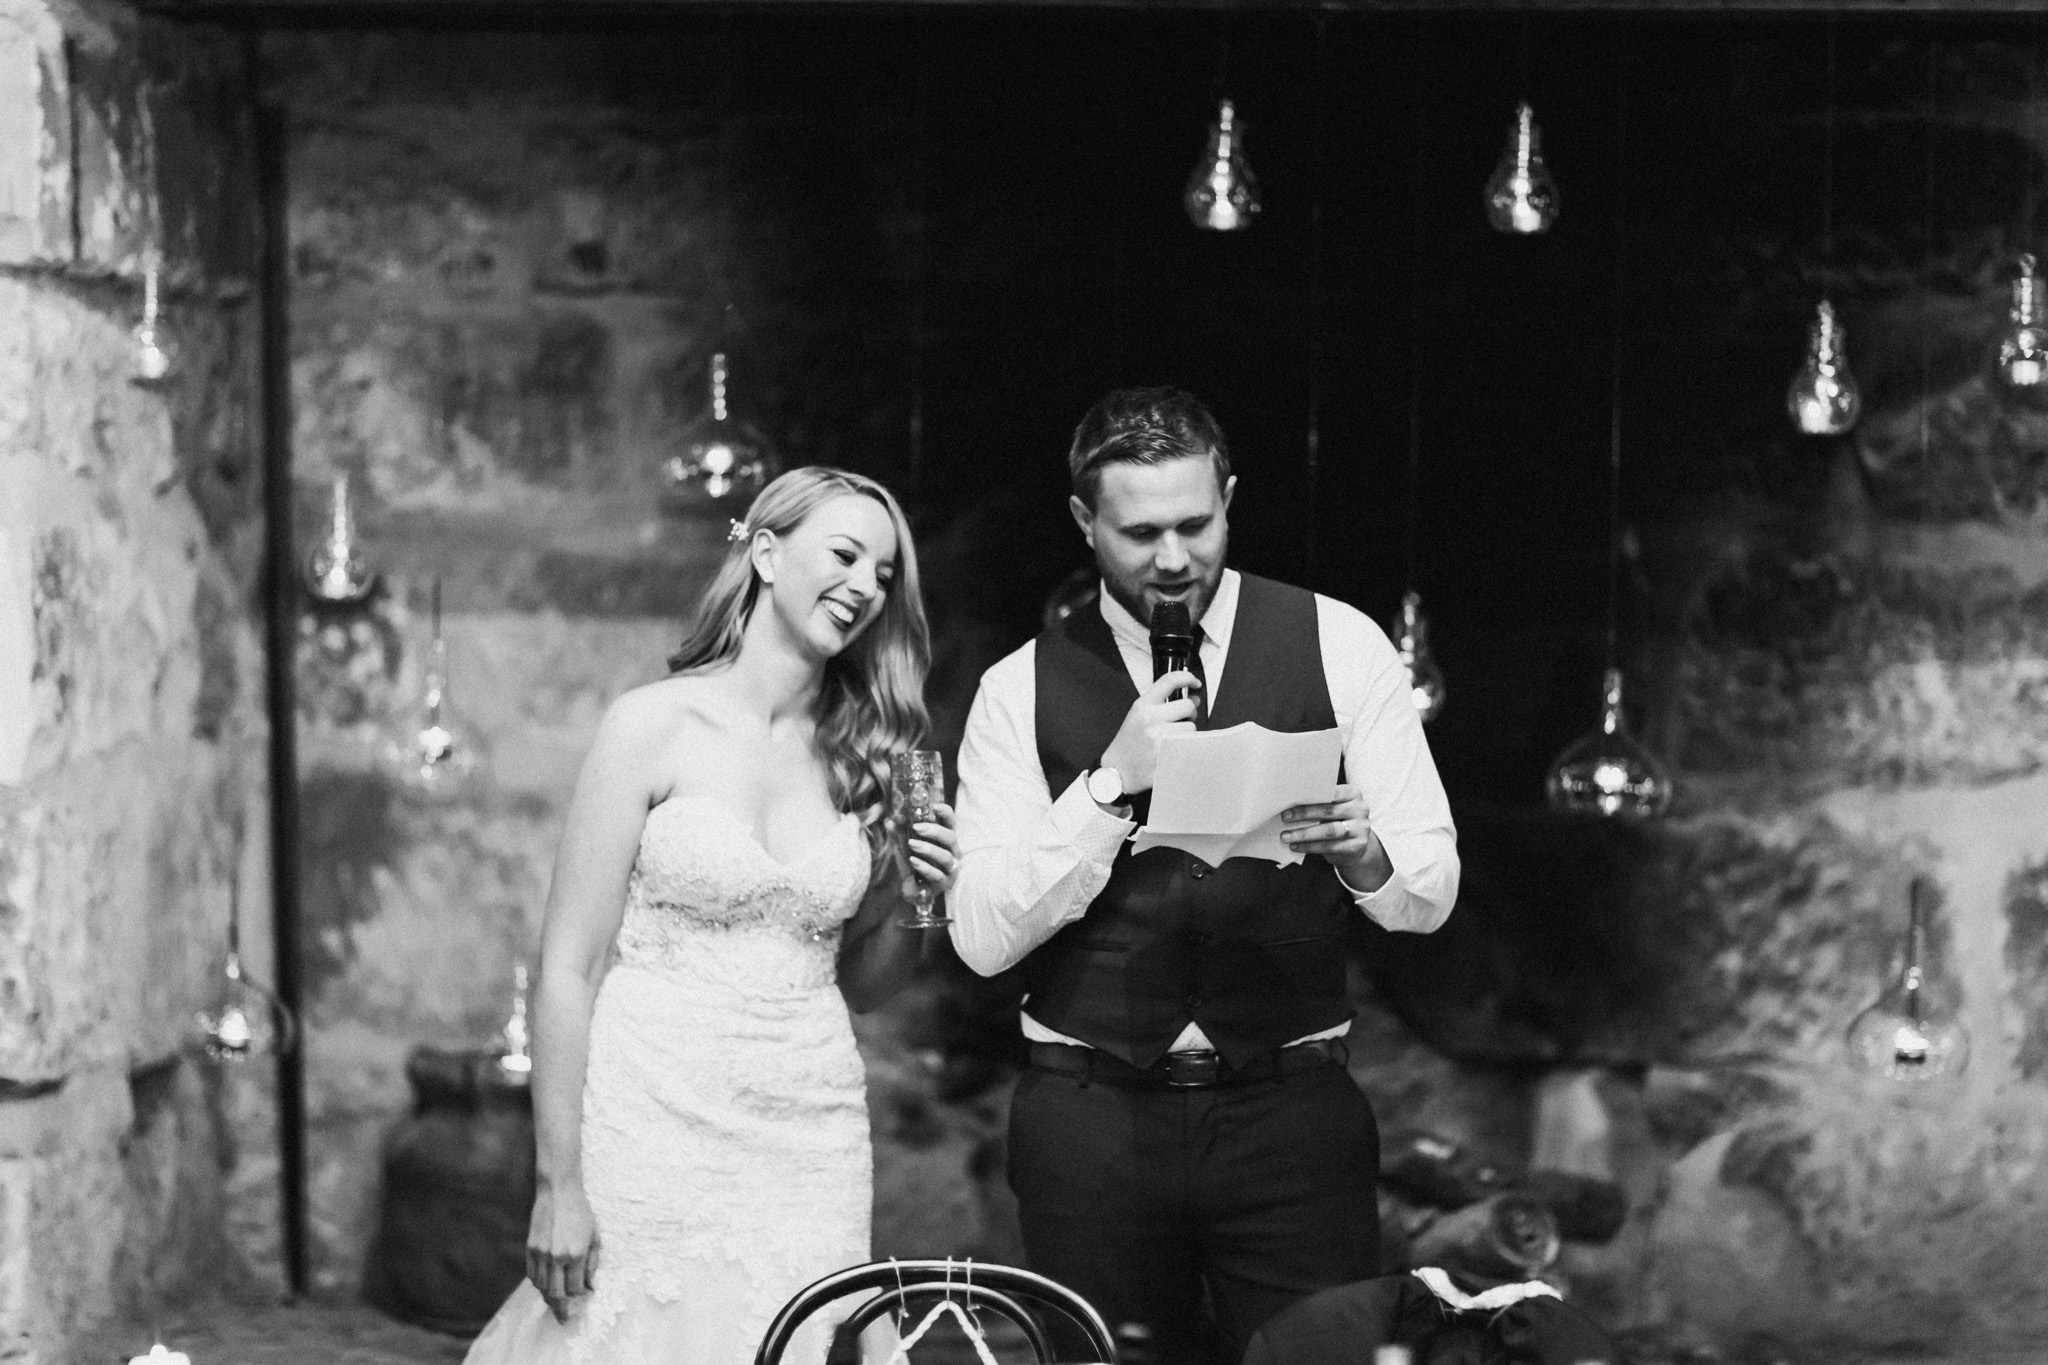 WeddingPhotos_Facebook_2048pixels-1140.jpg